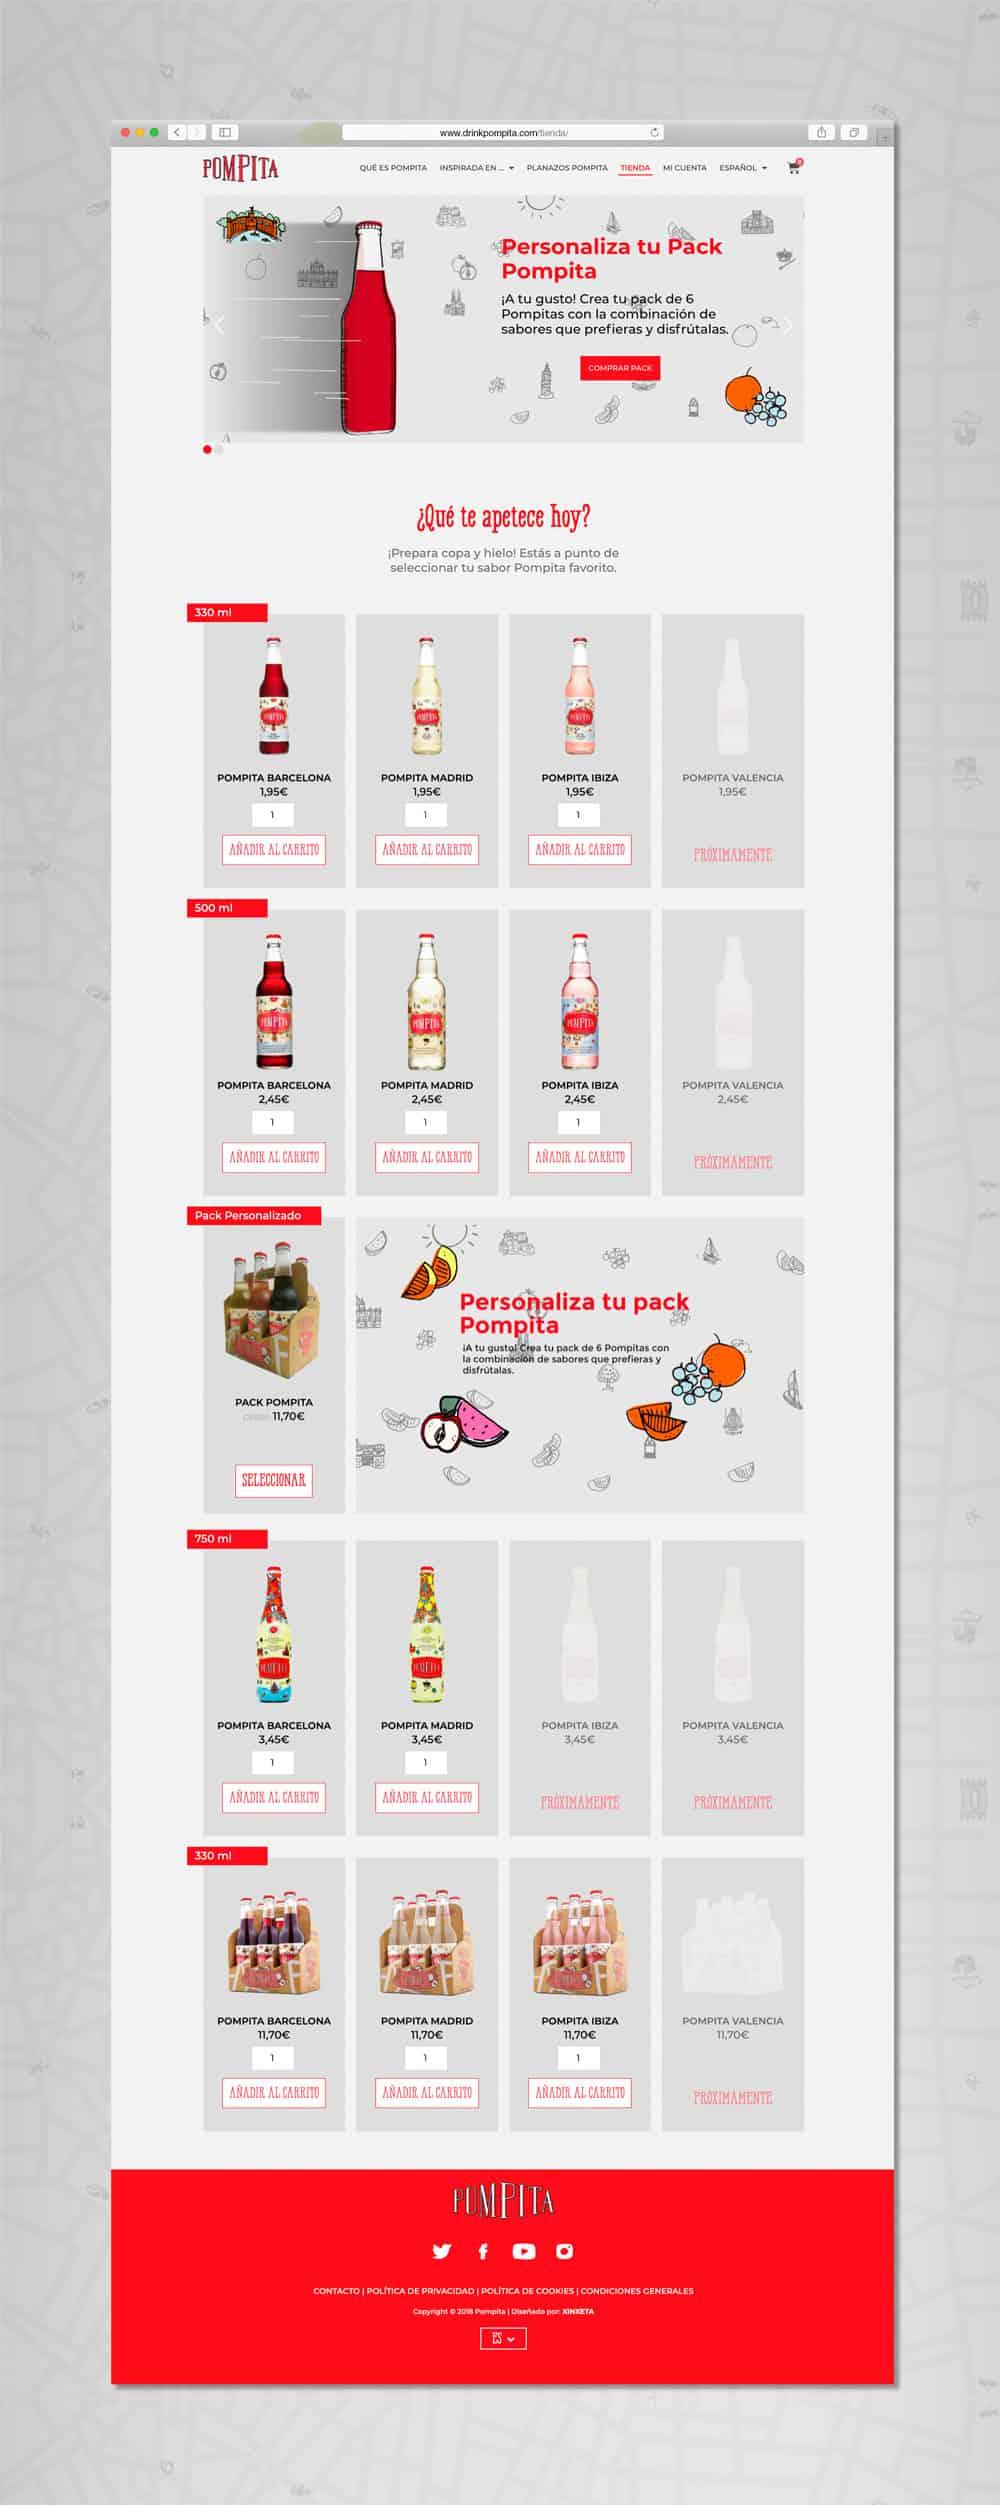 Pompita - Versión web Tienda Online